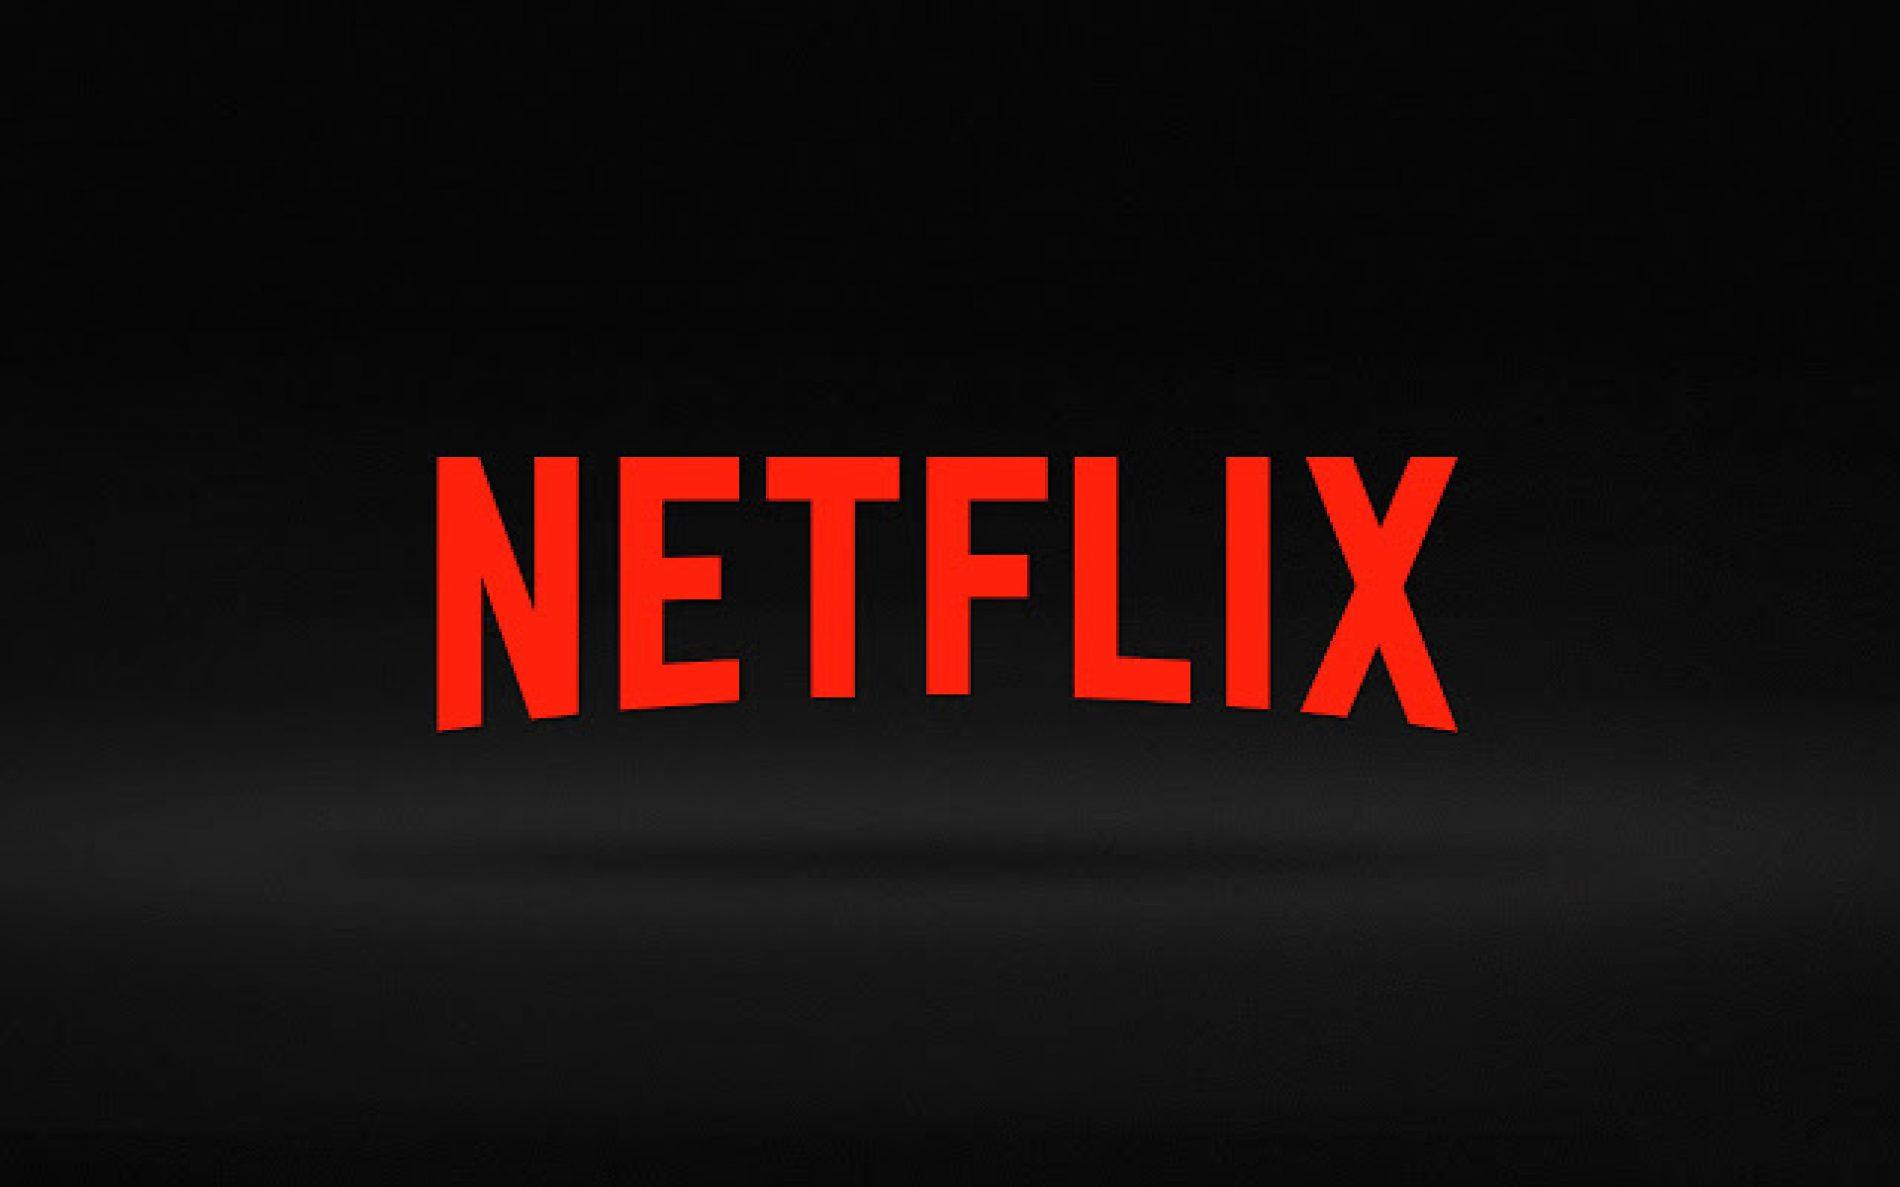 Environnement : Le géant américain Netflix une menace réelle pour la santé